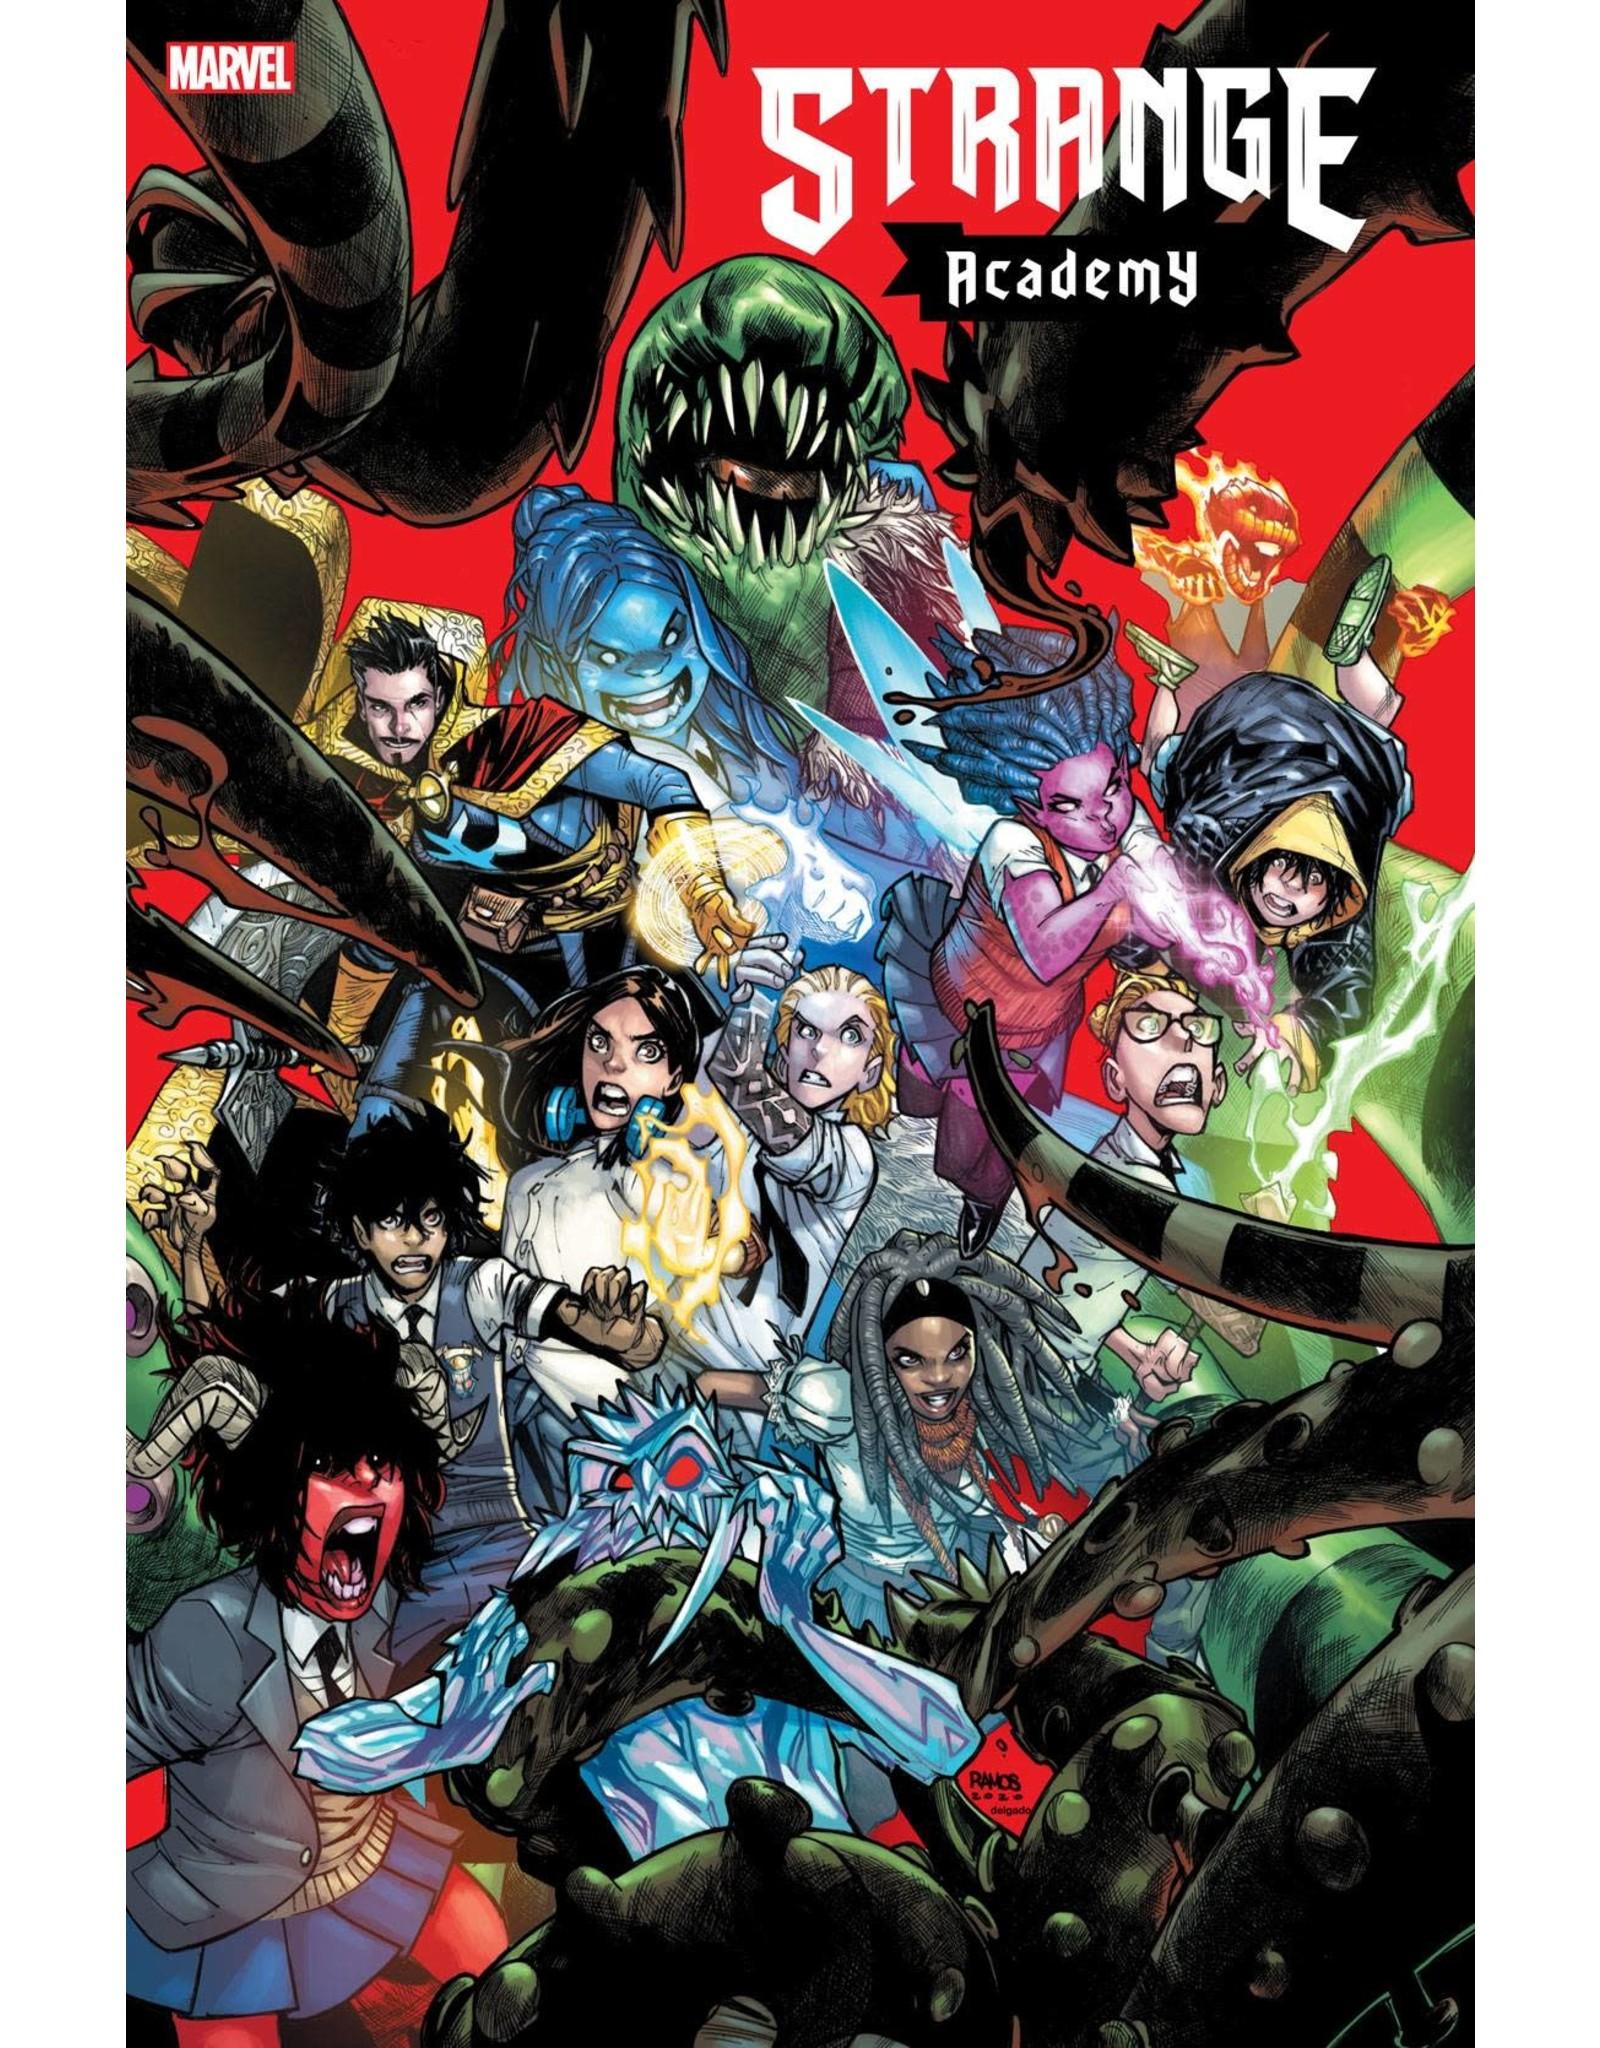 Marvel Comics STRANGE ACADEMY #1 4TH PTG VAR